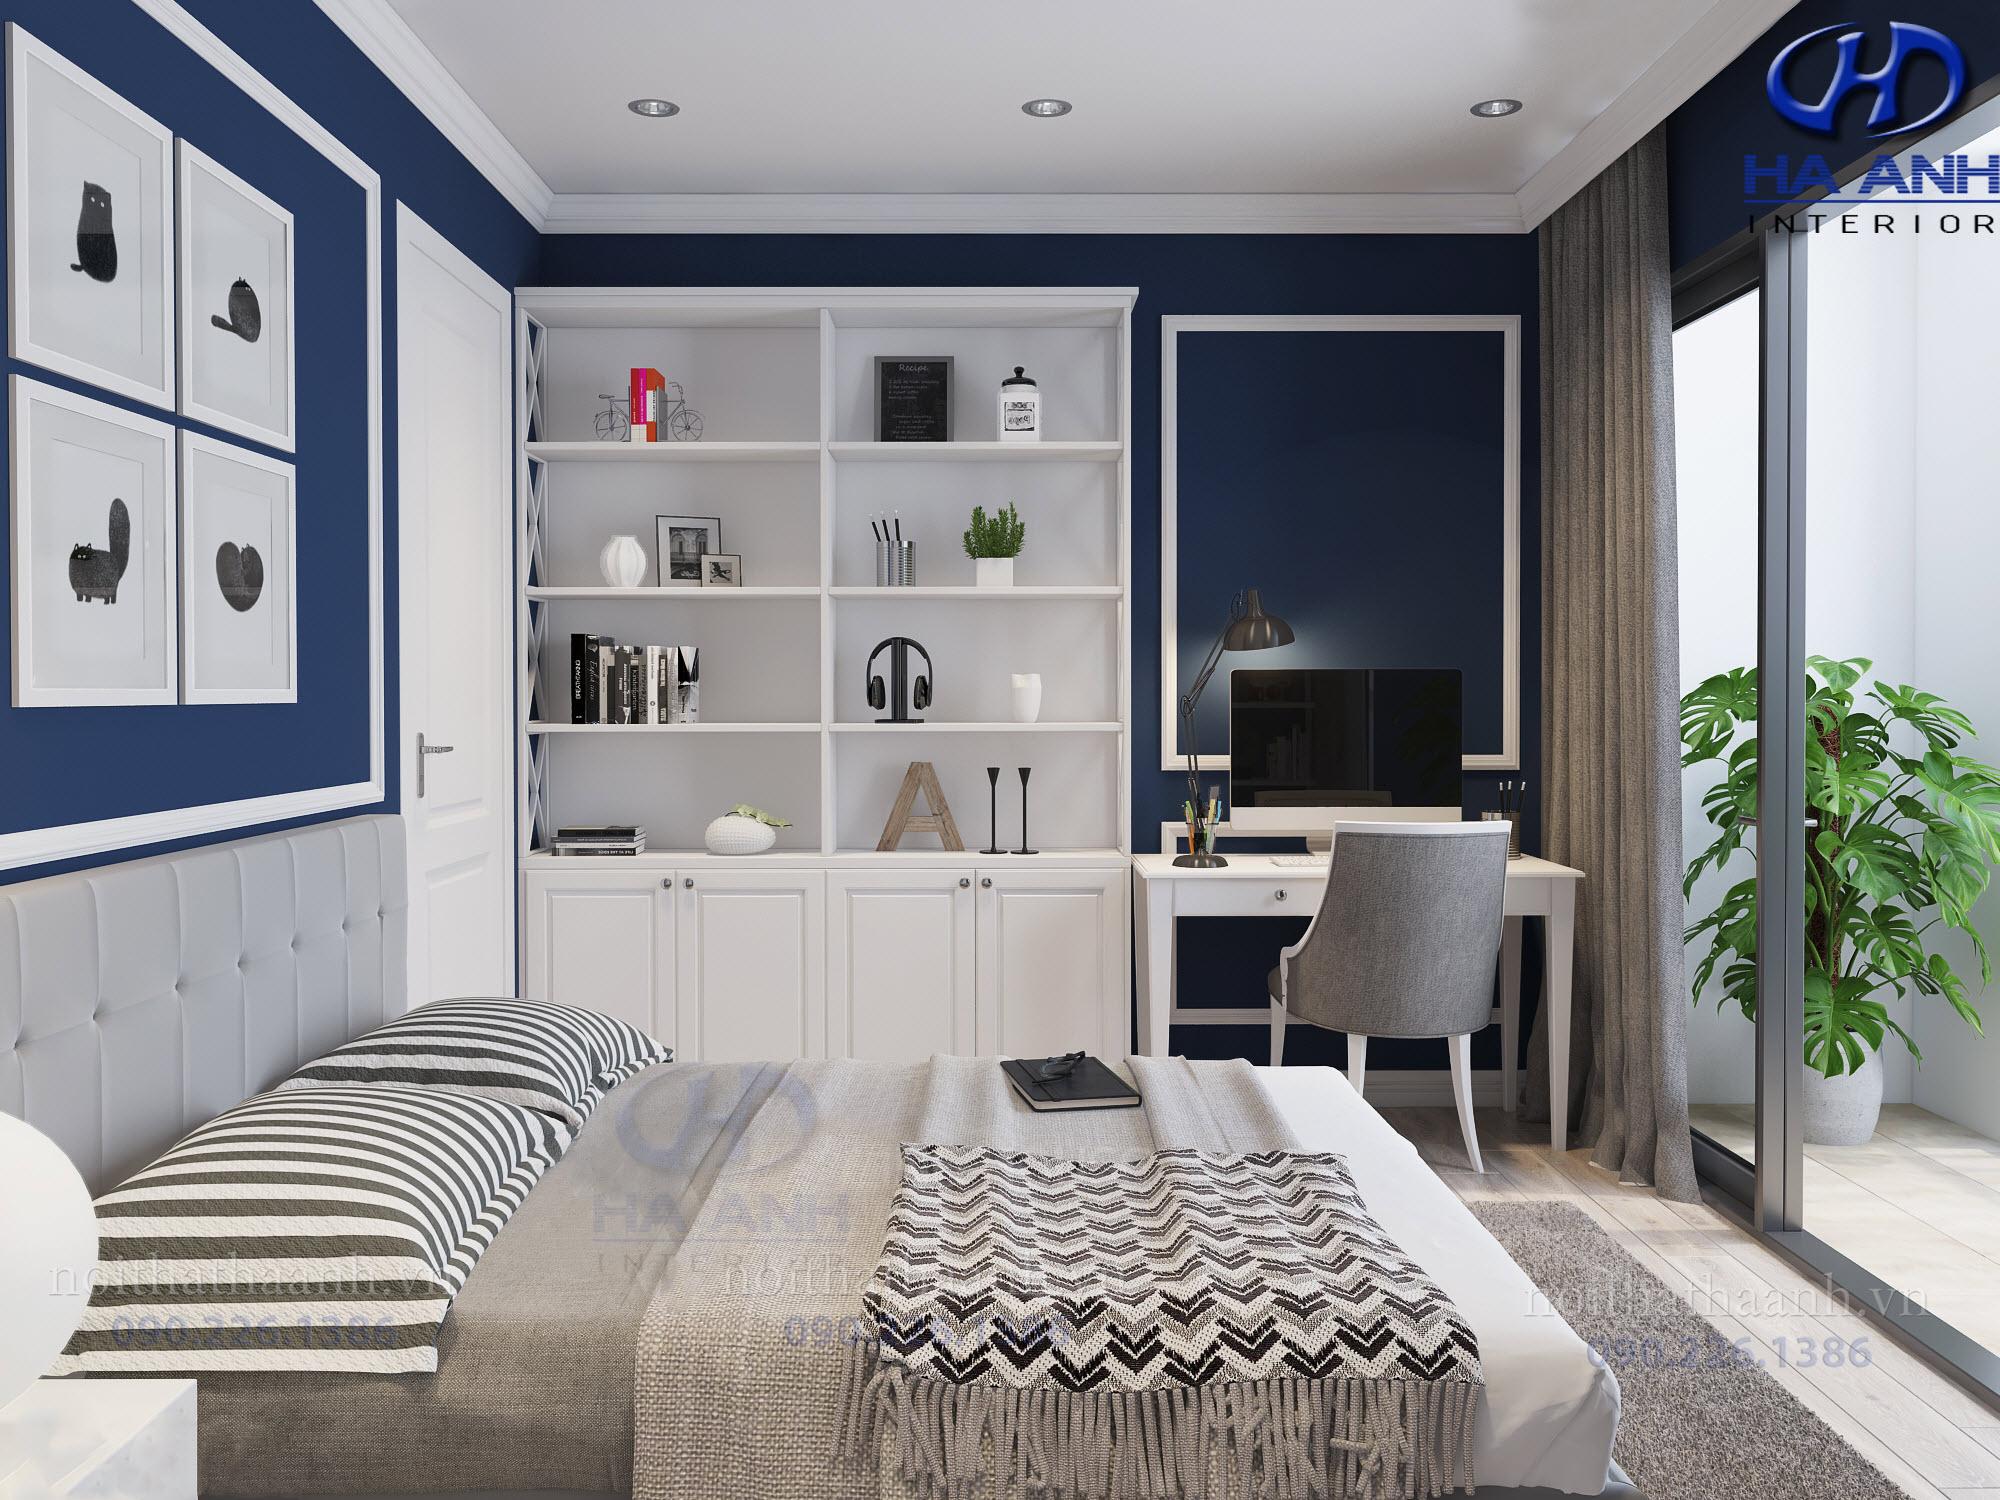 Thiết kế và thi công nội thất chung cư Le Pont D'or Chú Dũng Hoàng Cầu-7